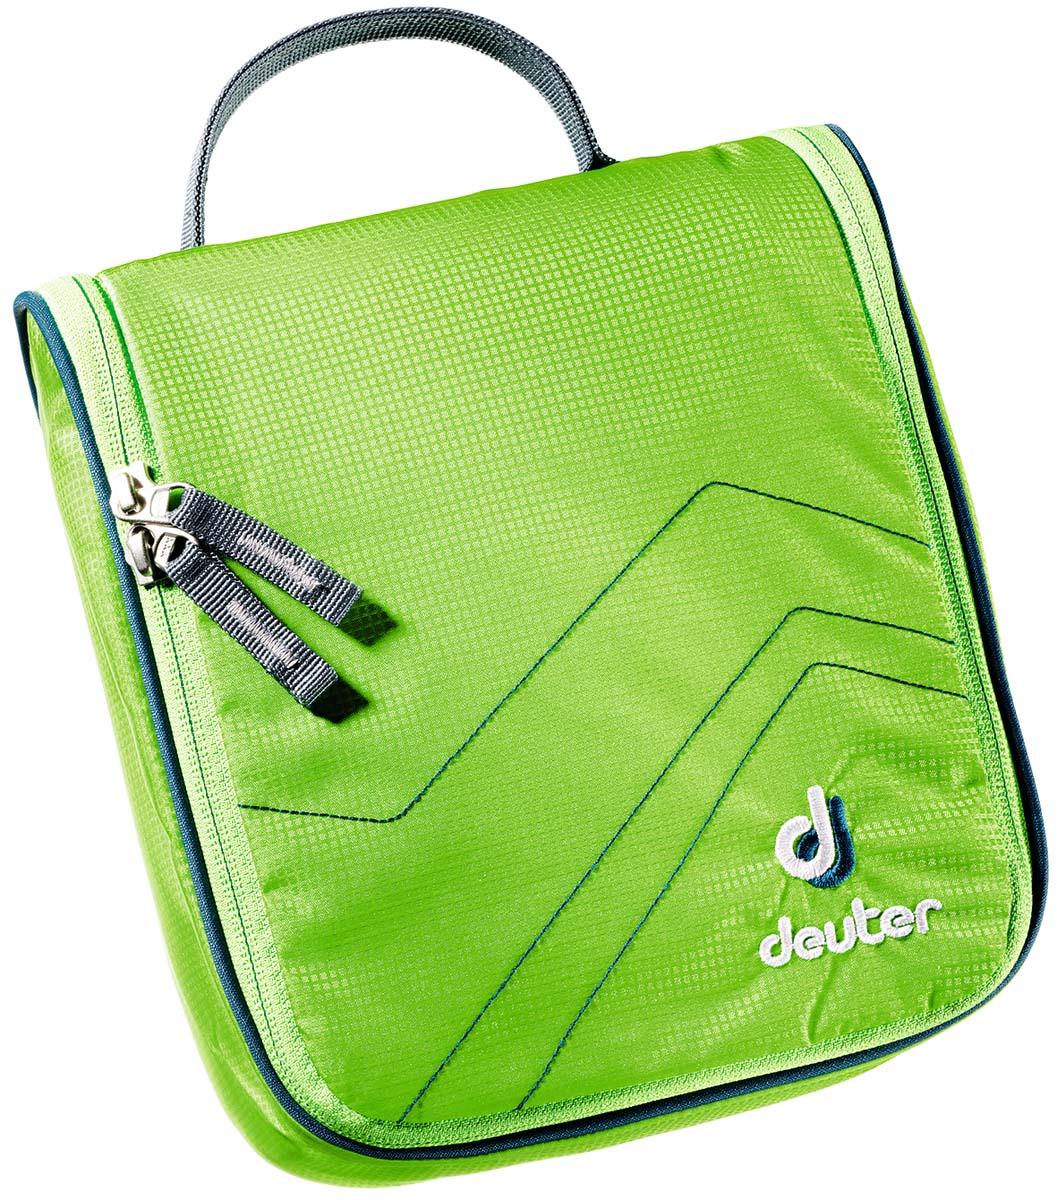 """Косметичка Deuter """"Wash Center I"""", цвет: светло-зеленый, темно-синий, 22 см х 19 см х 8 см"""